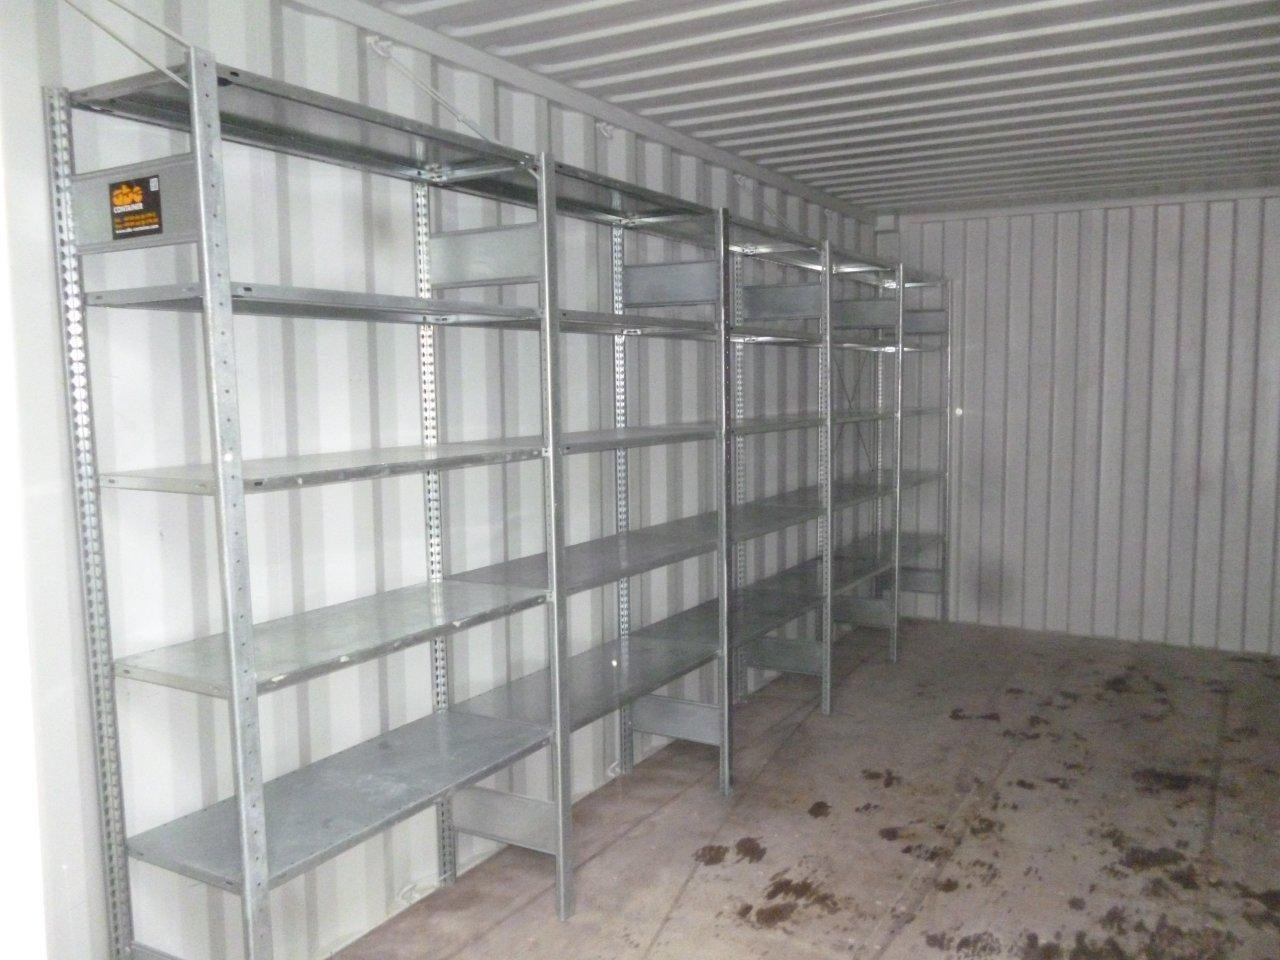 werkstattcontainer-mieten-muenchen